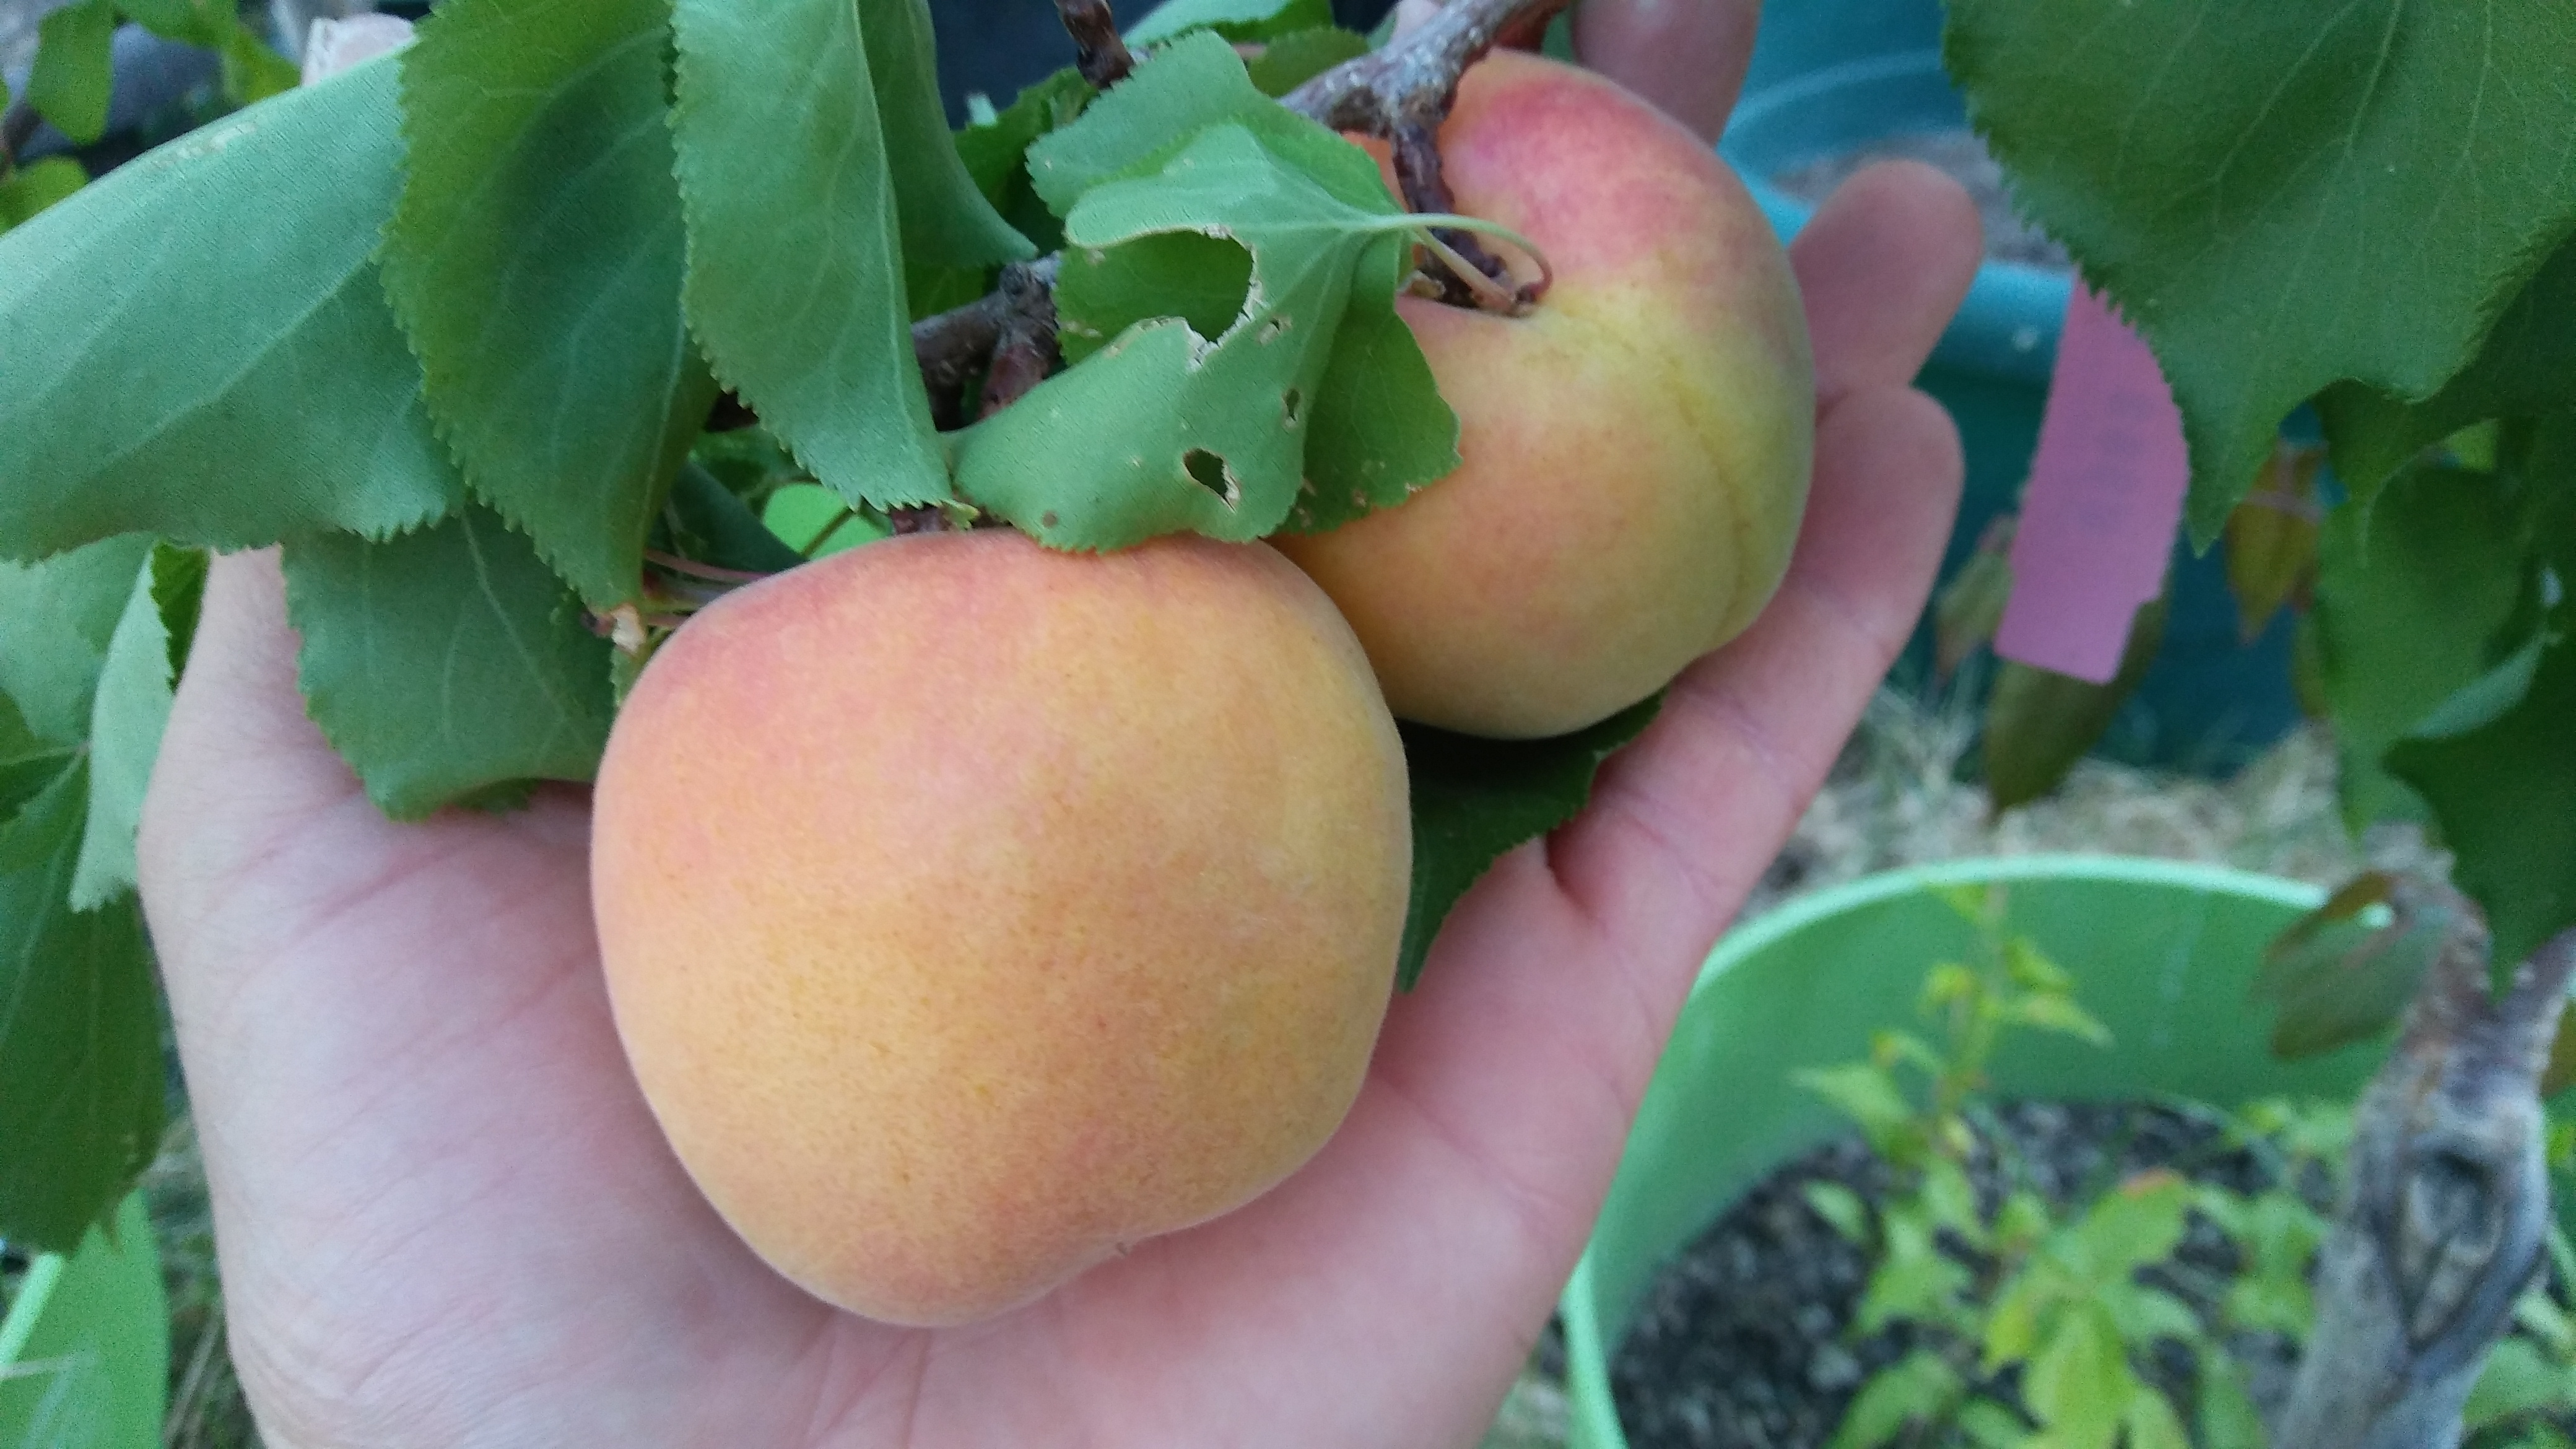 Picture of Live Leah Cot Aprium 'R' I.S. Apricot Fruit Tree Fit 5 Gallon Pot